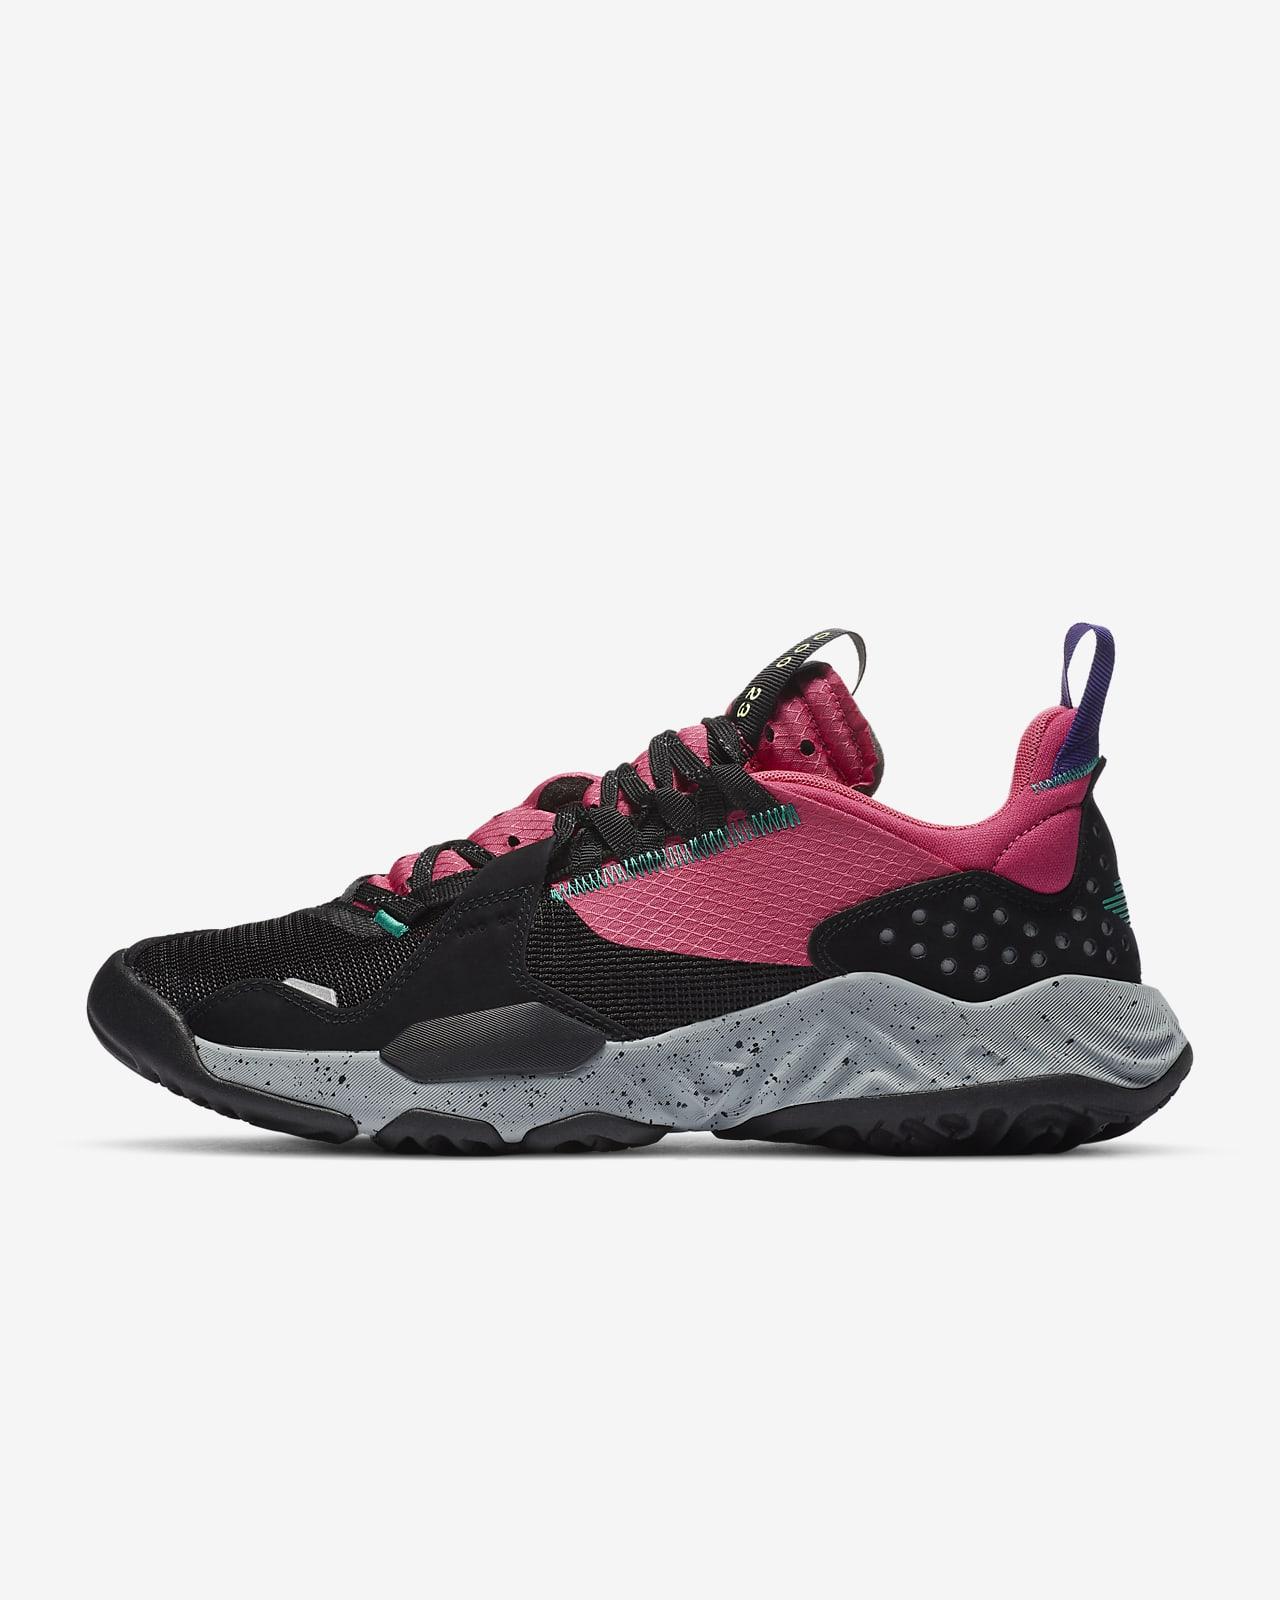 Pánská bota Jordan Delta